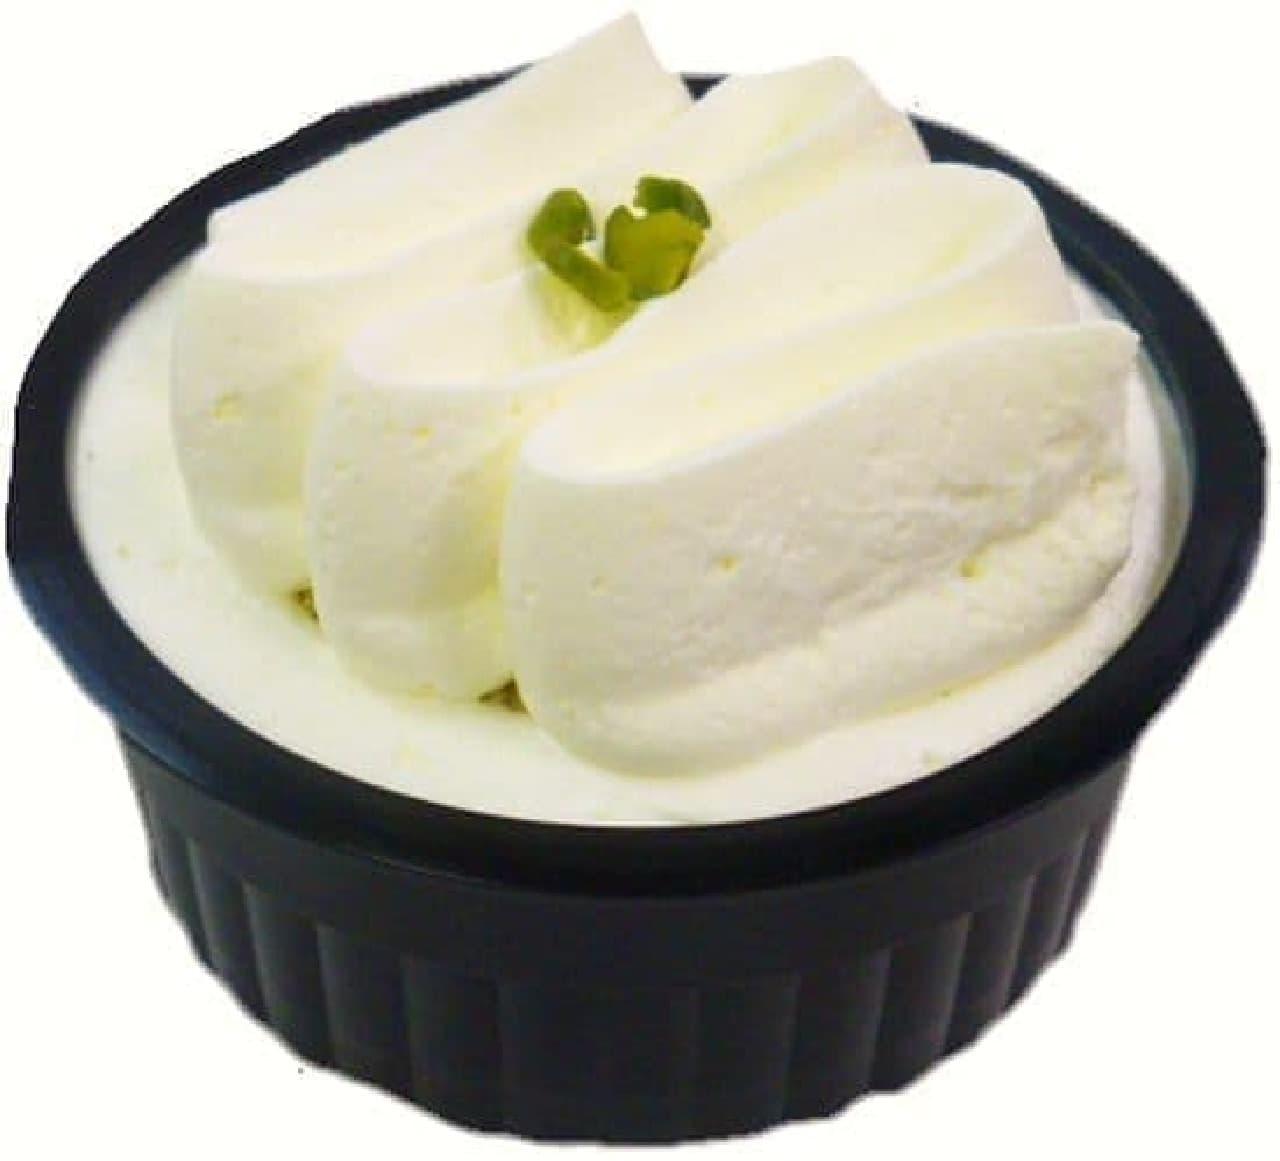 ファミリーマート「RIZAP レアチーズケーキ(ブルーベリーソース入り)」